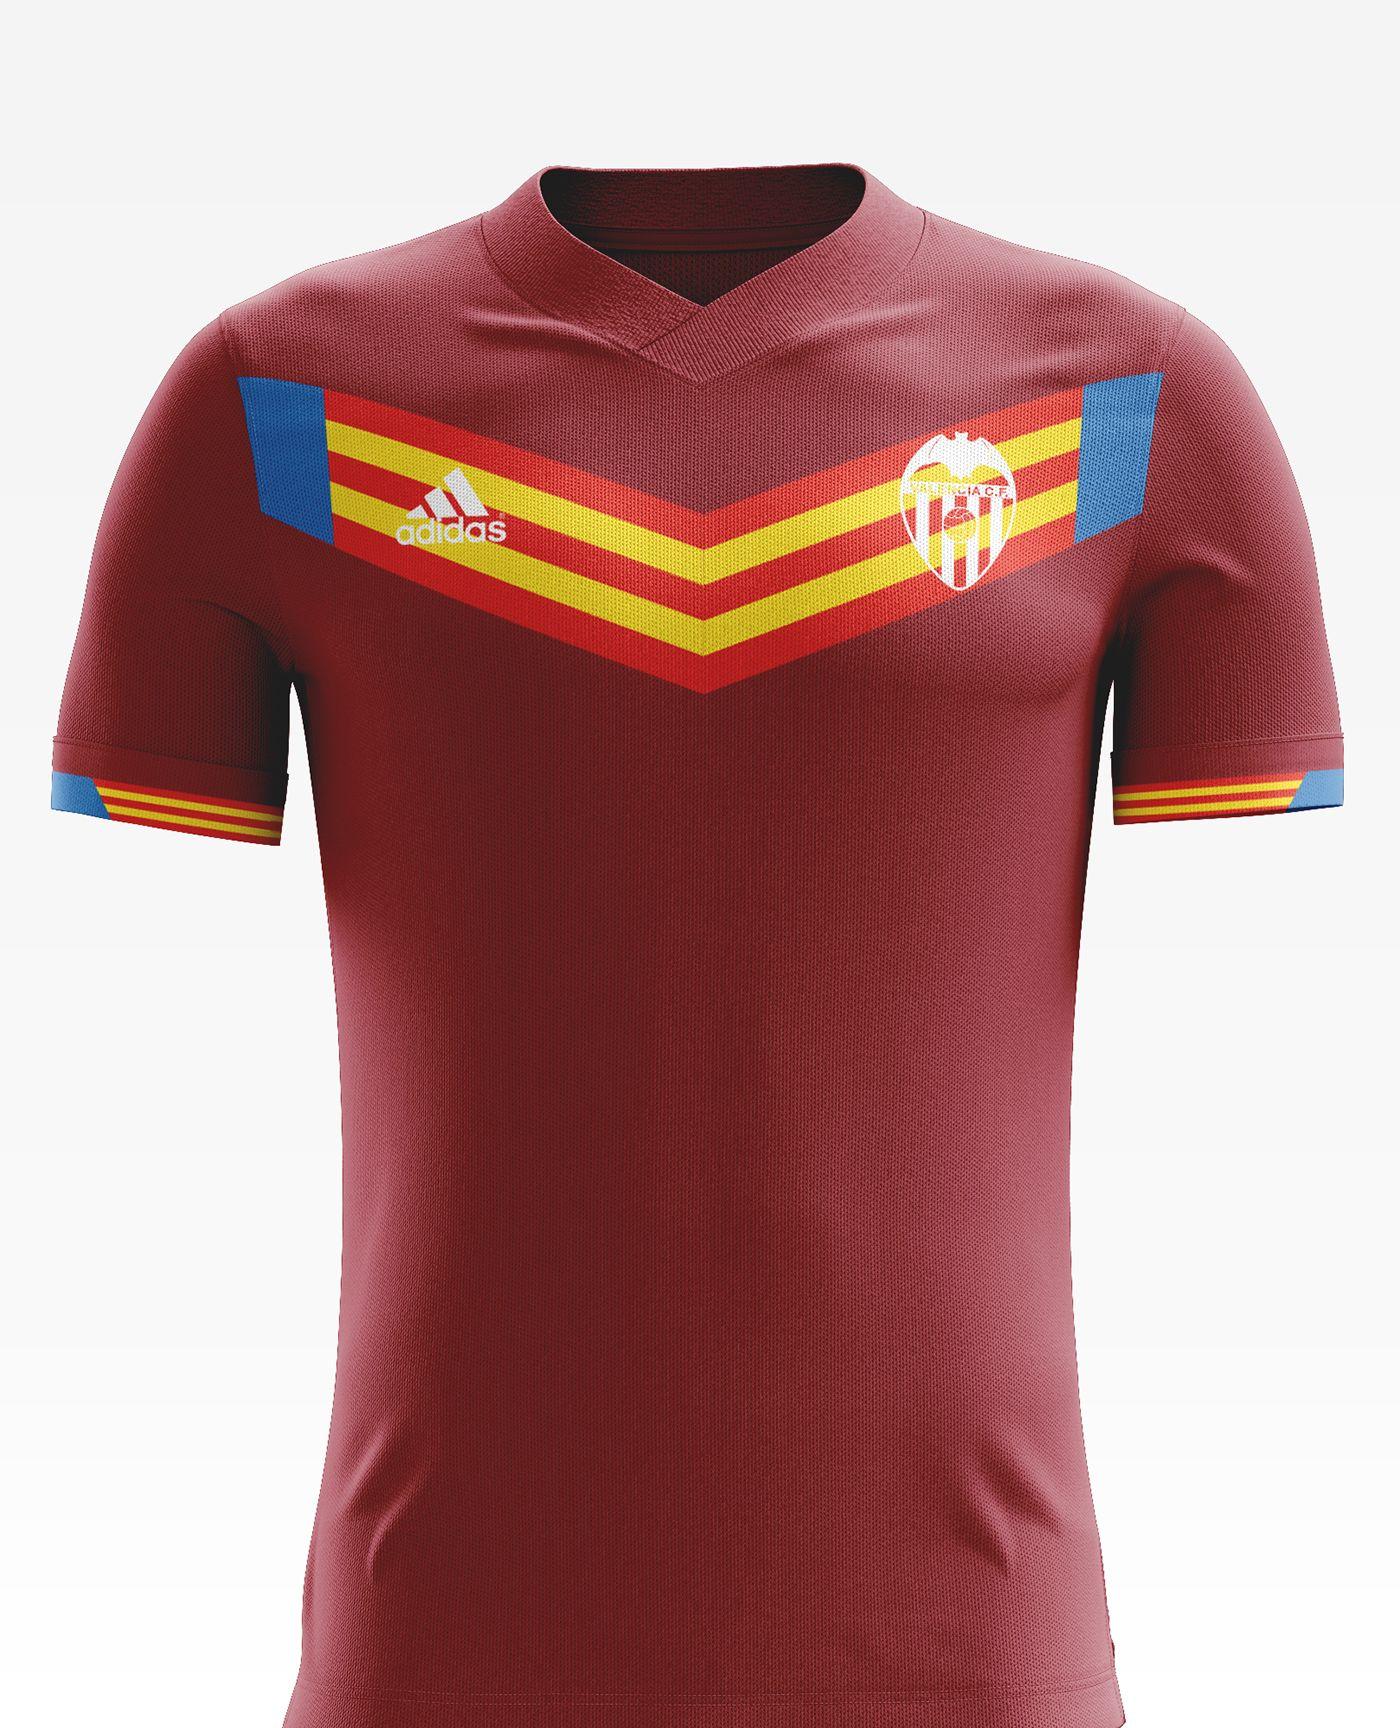 936fa05b8 I designed football kits for Valencia C.F. for the upcoming season 17 18.